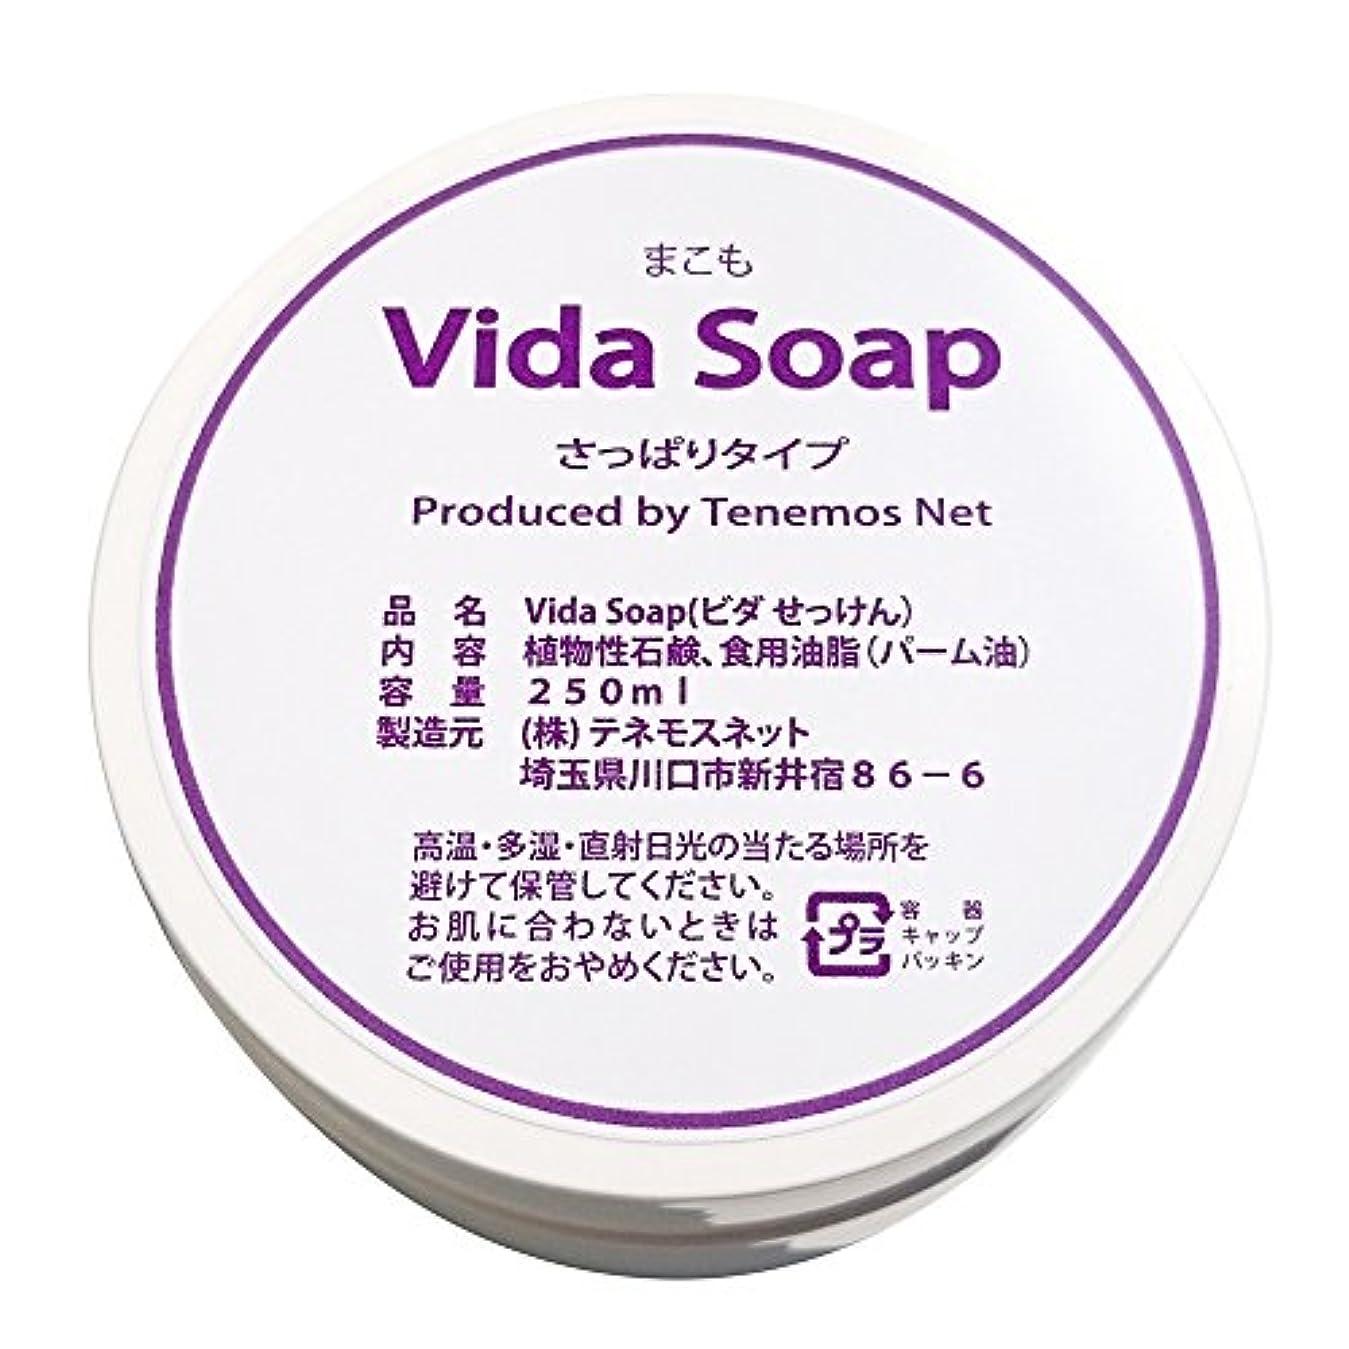 一読み書きのできない修正テネモス ビダせっけん Vida Soap さっぱりまこも 植物性 250ml